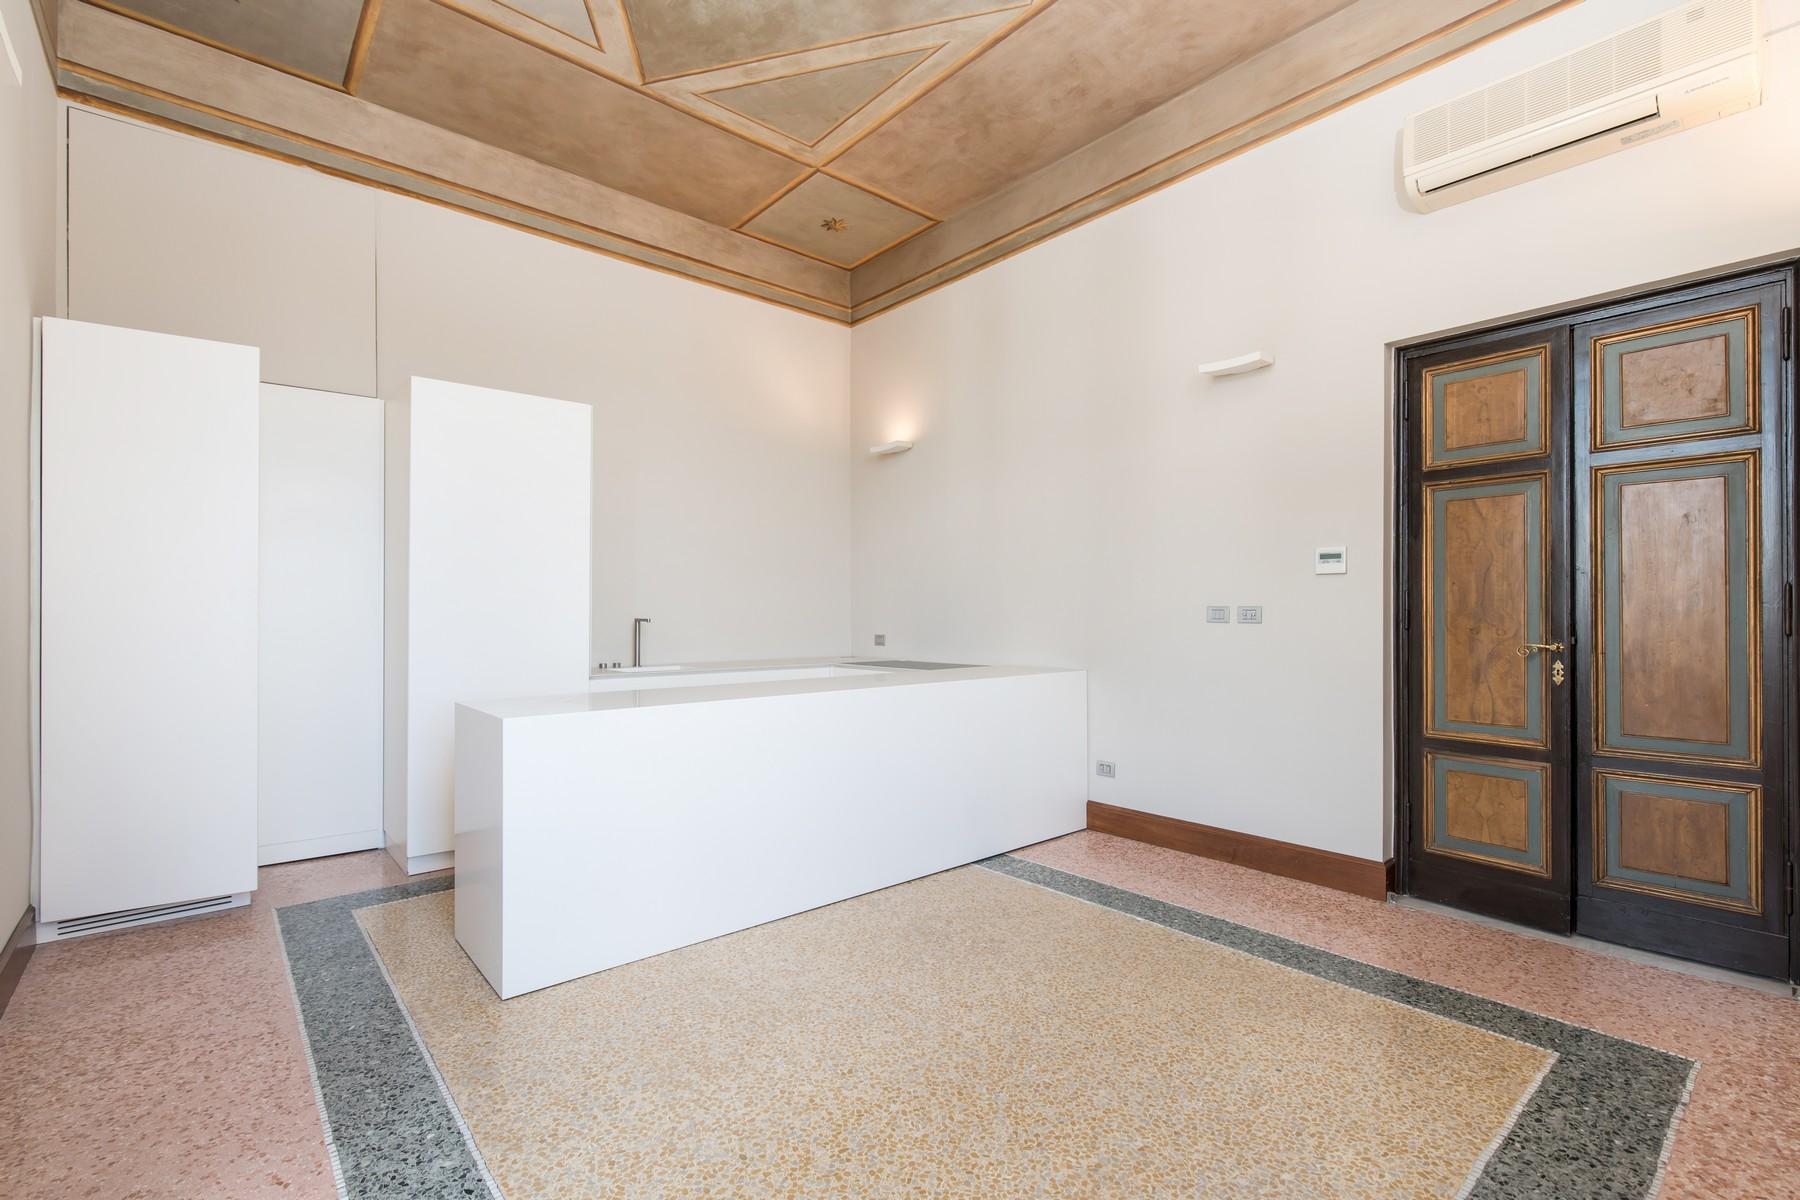 位于著名的Brasini别墅内的优雅的公寓 - 14